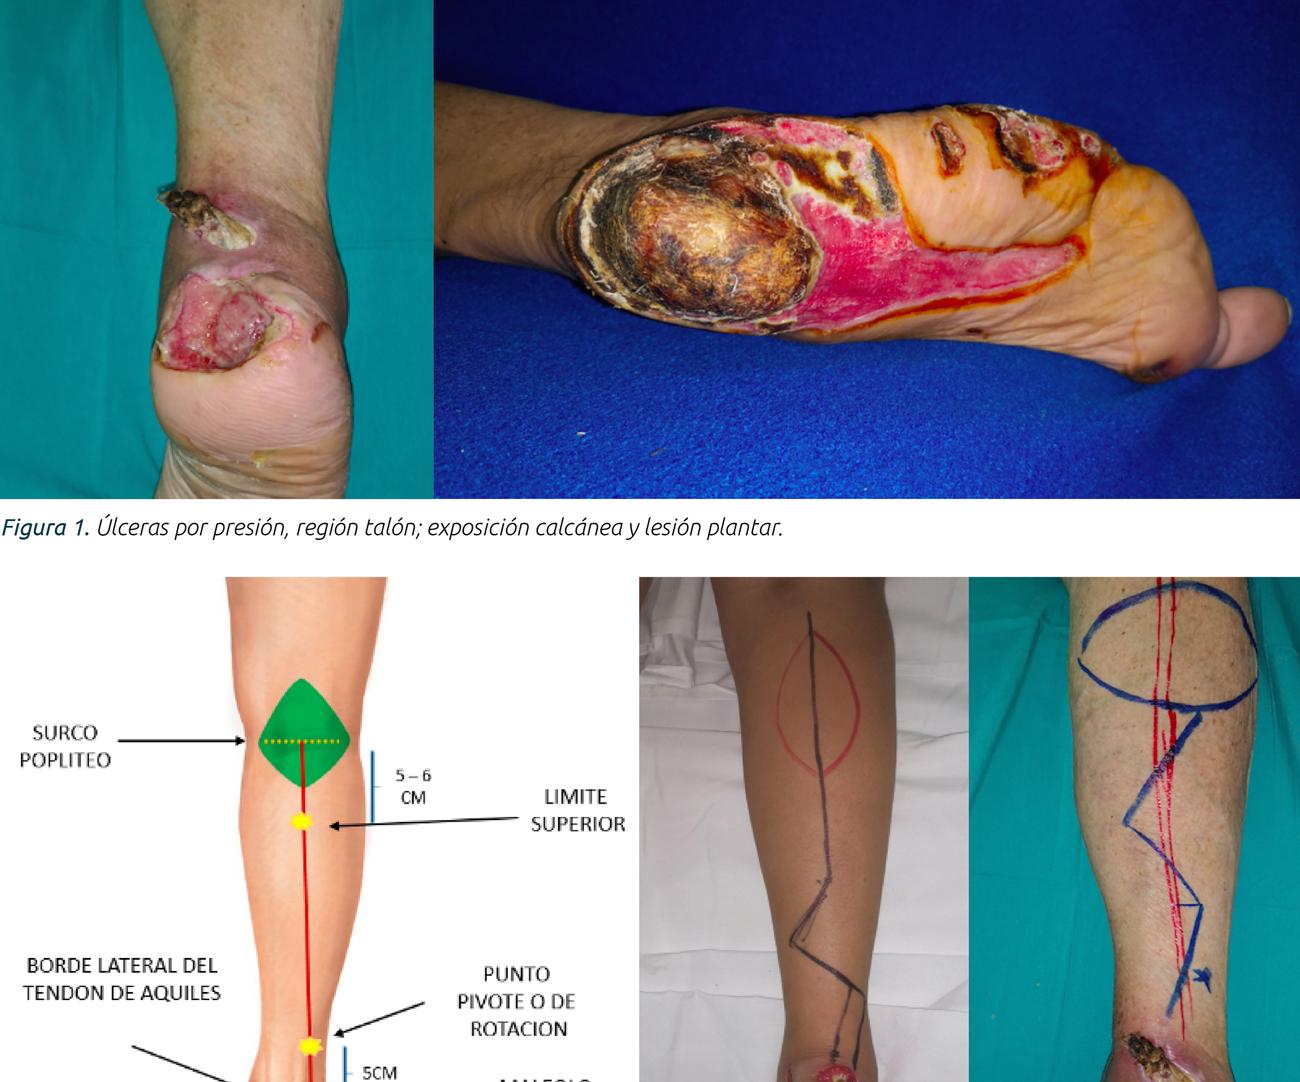 Reconstrucción con colgajo peroneo posterior  para cobertura de defectos del tercio distal  de la pierna y el tercio proximal del pie